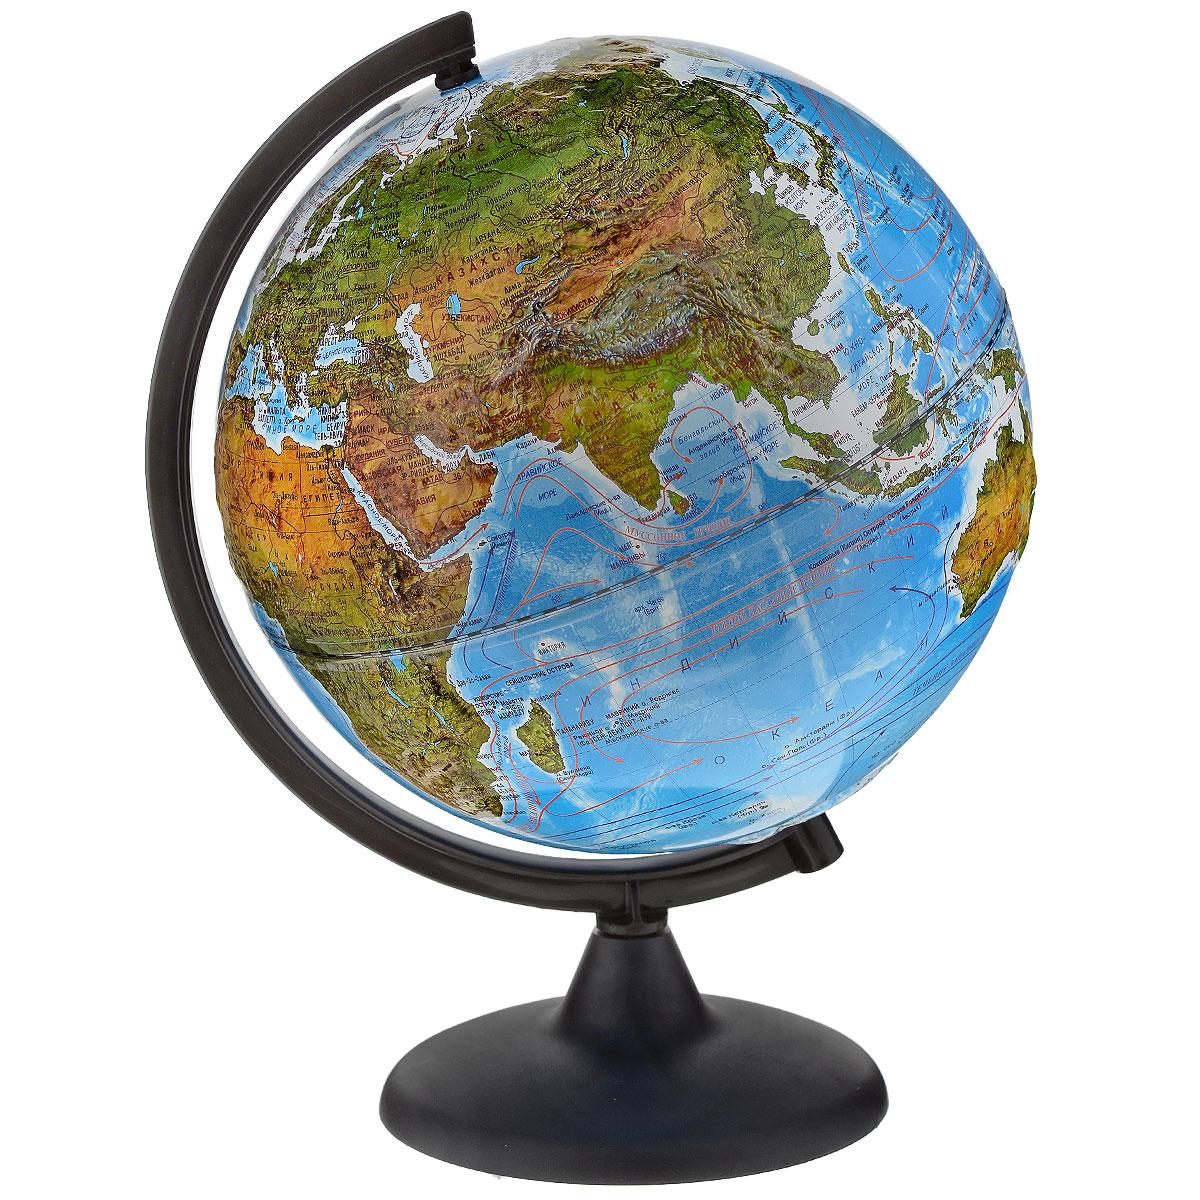 Глобусный мир Ландшафтный глобус, рельефный, диаметр 25 см10232Ландшафтный глобус Глобусный мир, изготовленный из высококачественного прочного пластика.Данная модель предназначена для ознакомления с особенностями ландшафта нашей планеты. Помимо этого ландшафтный глобус обладает приятной цветовой гаммой. Глобус дает представление о местоположении материков и океанов, на нем можно рассмотреть особенности ландшафта нашей планеты (рельефы местности, леса, горы, реки, моря, структуру дна океанов, рельеф суши), можно увидеть графическое изображение географических меридианов и параллелей, гидрографическая сеть, а также крупнейшие населенные пункты. На данной модели нанесены направления и названия водных течений. Модель имеет рельефную выпуклую поверхность, что, в свою очередь, делает глобус особенно интересным для детей младшего школьного и дошкольного возрастов. Изделие расположено на подставке. Названия стран на глобусе приведены на русской язык.Настольный ландшафтный глобус Глобусный мир станет оригинальным украшением рабочего стола или вашего кабинета. Это изысканная вещь для стильного интерьера, которая станет прекрасным подарком для современного преуспевающего человека, следующего последним тенденциям моды и стремящегося к элегантности и комфорту в каждой детали.Масштаб: 1:50 000 000.